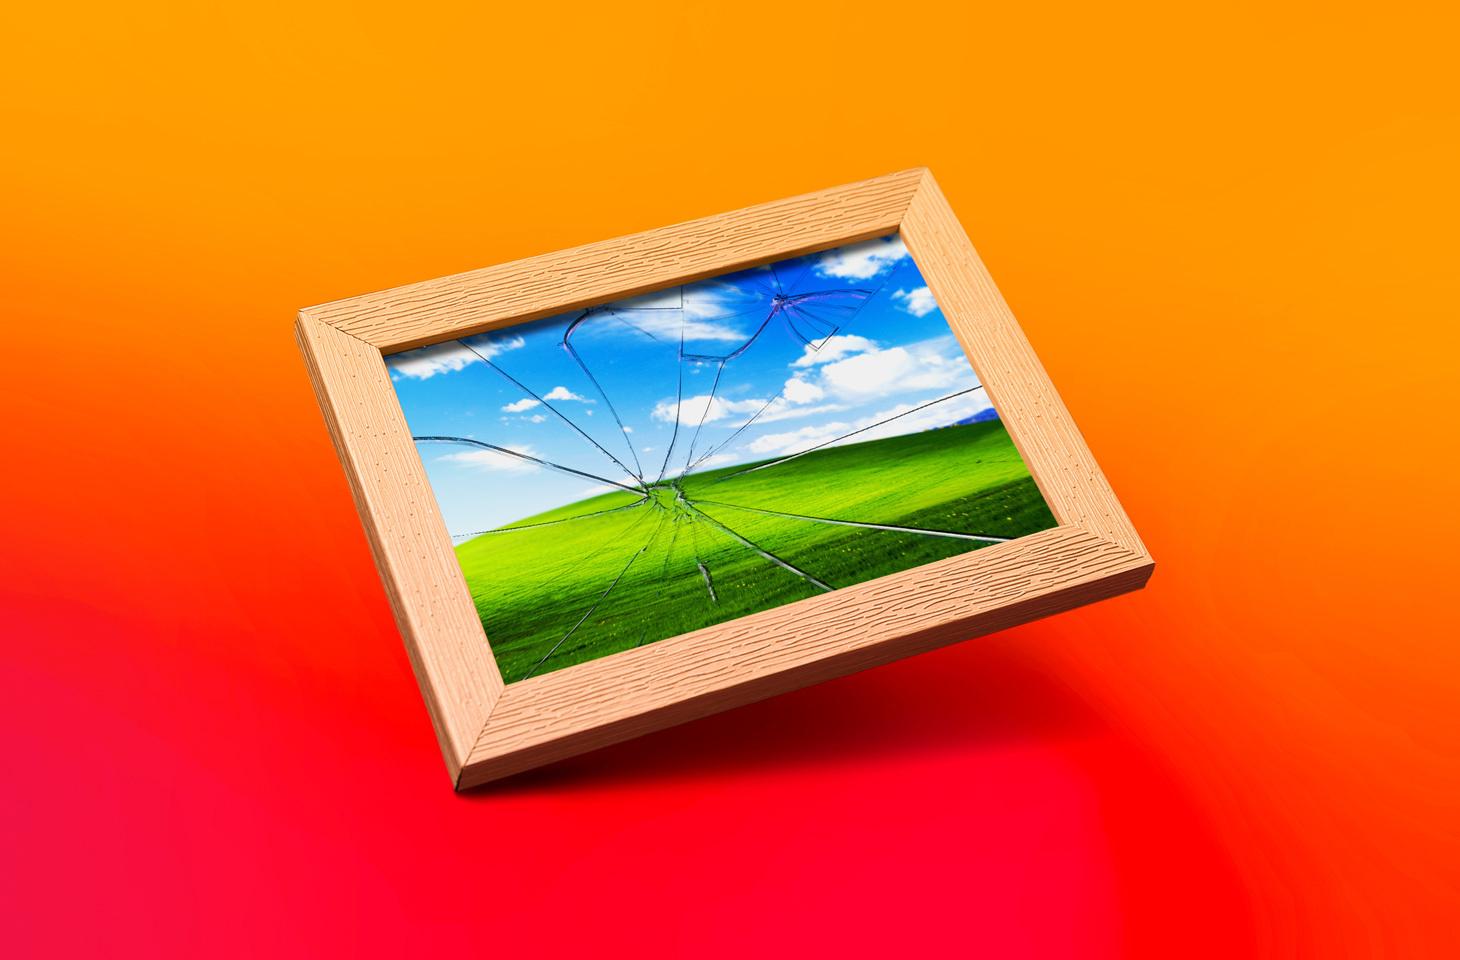 Windows XP源代碼外洩 商業用戶需要注意的安全事項